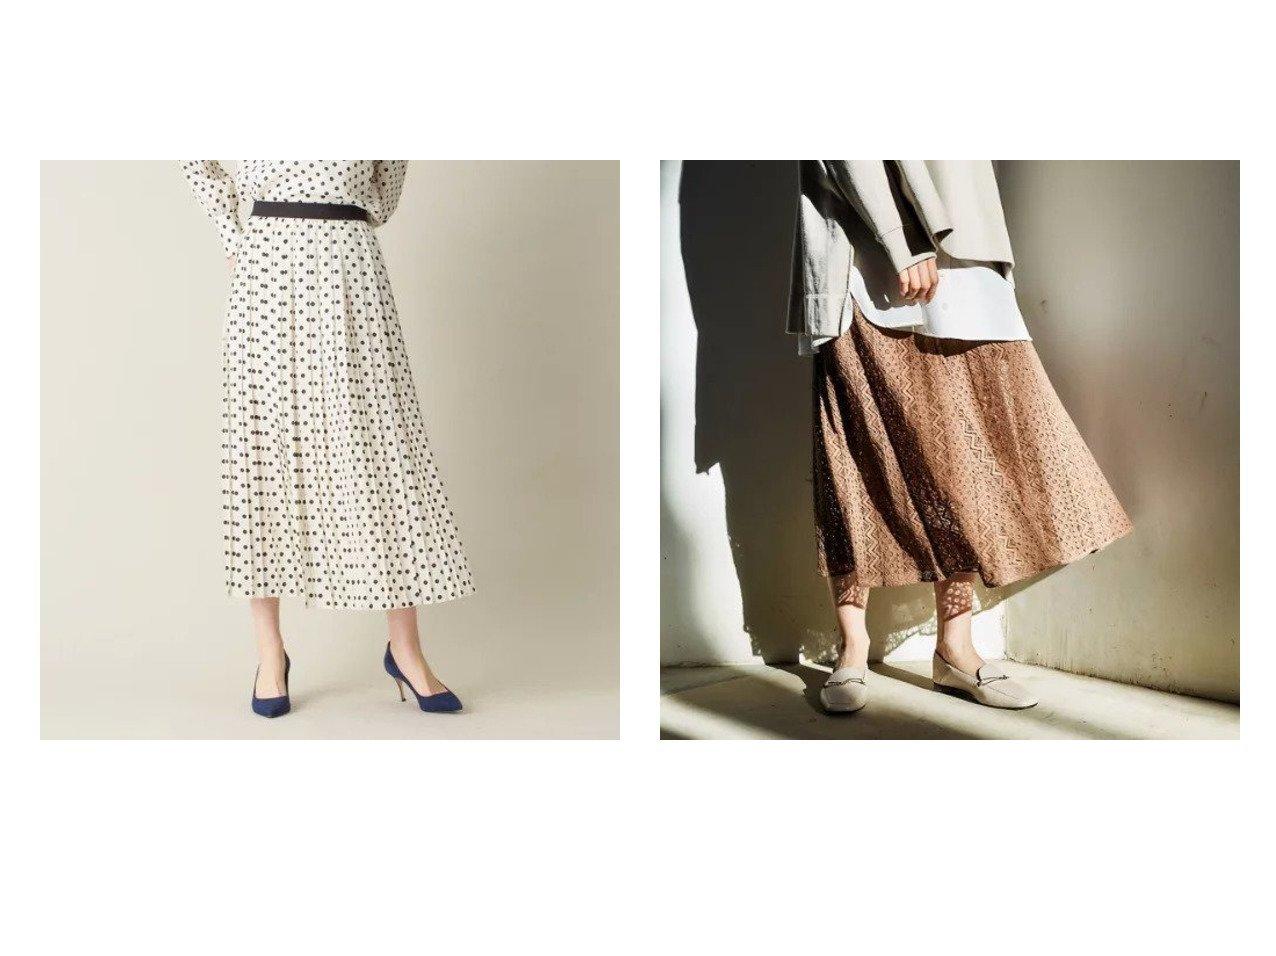 【DESIGN WORKS/デザイン ワークス】のドットプリントプリーツスカート&【abahouse mavie/アバハウスマヴィ】のecru レースマーメイドスカート スカートのおすすめ!人気、トレンド・レディースファッションの通販 おすすめで人気の流行・トレンド、ファッションの通販商品 メンズファッション・キッズファッション・インテリア・家具・レディースファッション・服の通販 founy(ファニー) https://founy.com/ ファッション Fashion レディースファッション WOMEN スカート Skirt プリーツスカート Pleated Skirts ストライプ マキシ マーメイド レース ロング |ID:crp329100000014449